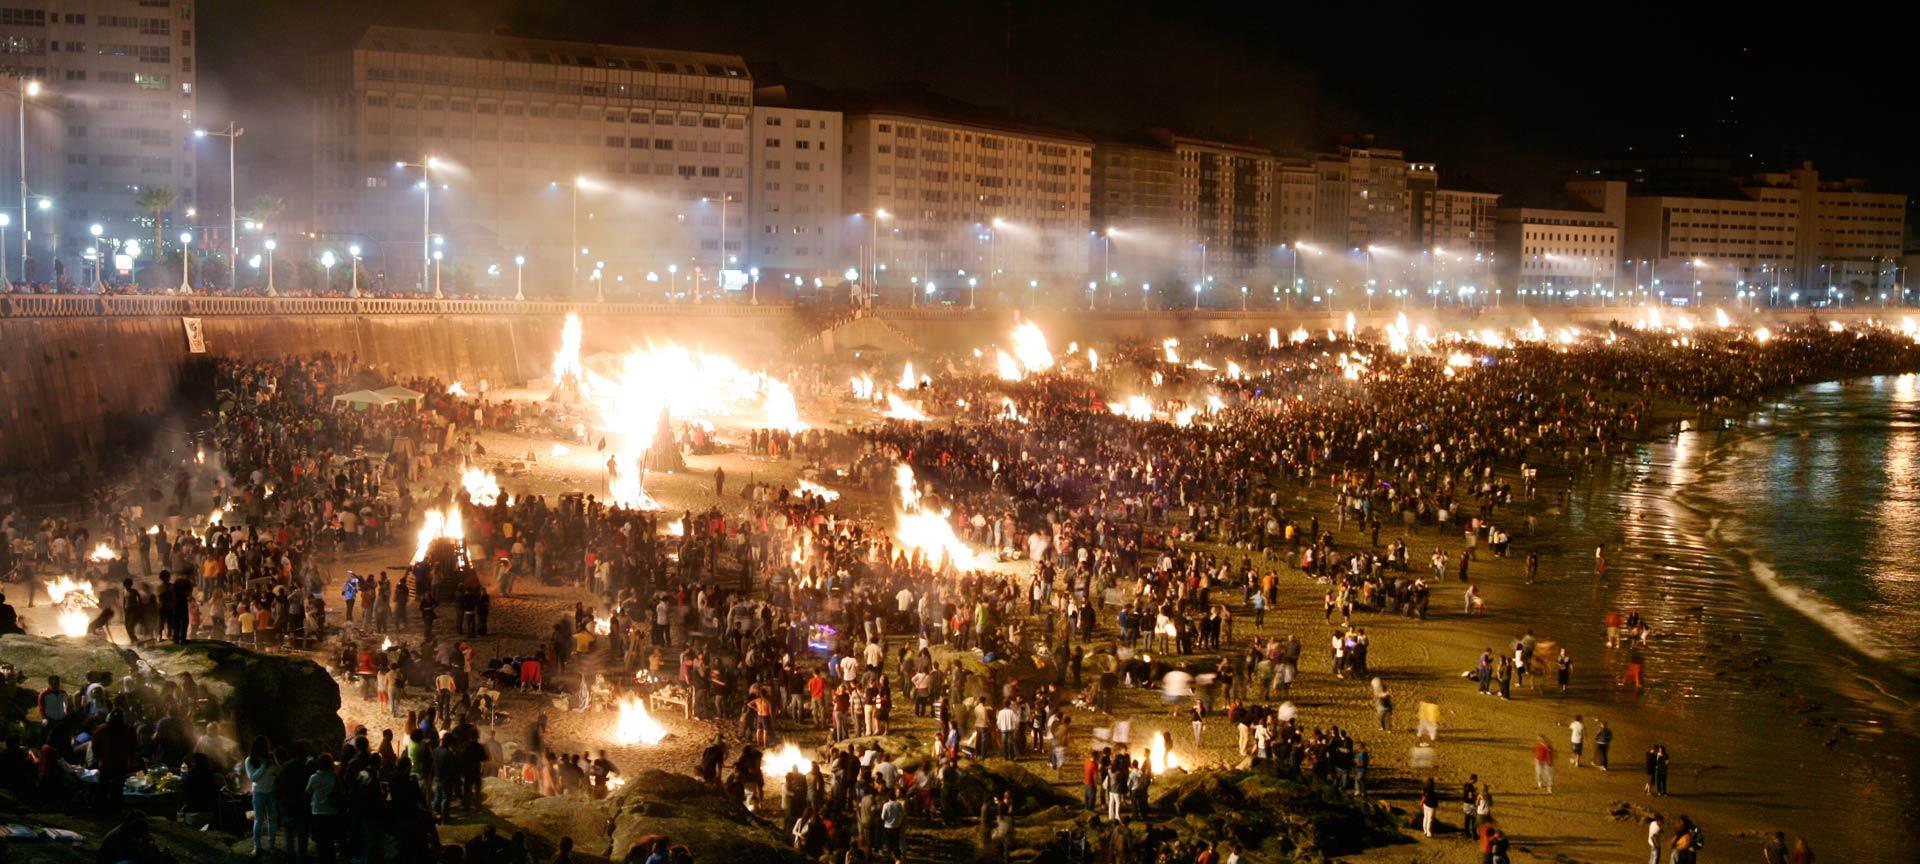 Hogueras De San Juan 23 06 2021 Fiestas En Coruña A Spain Info En Español